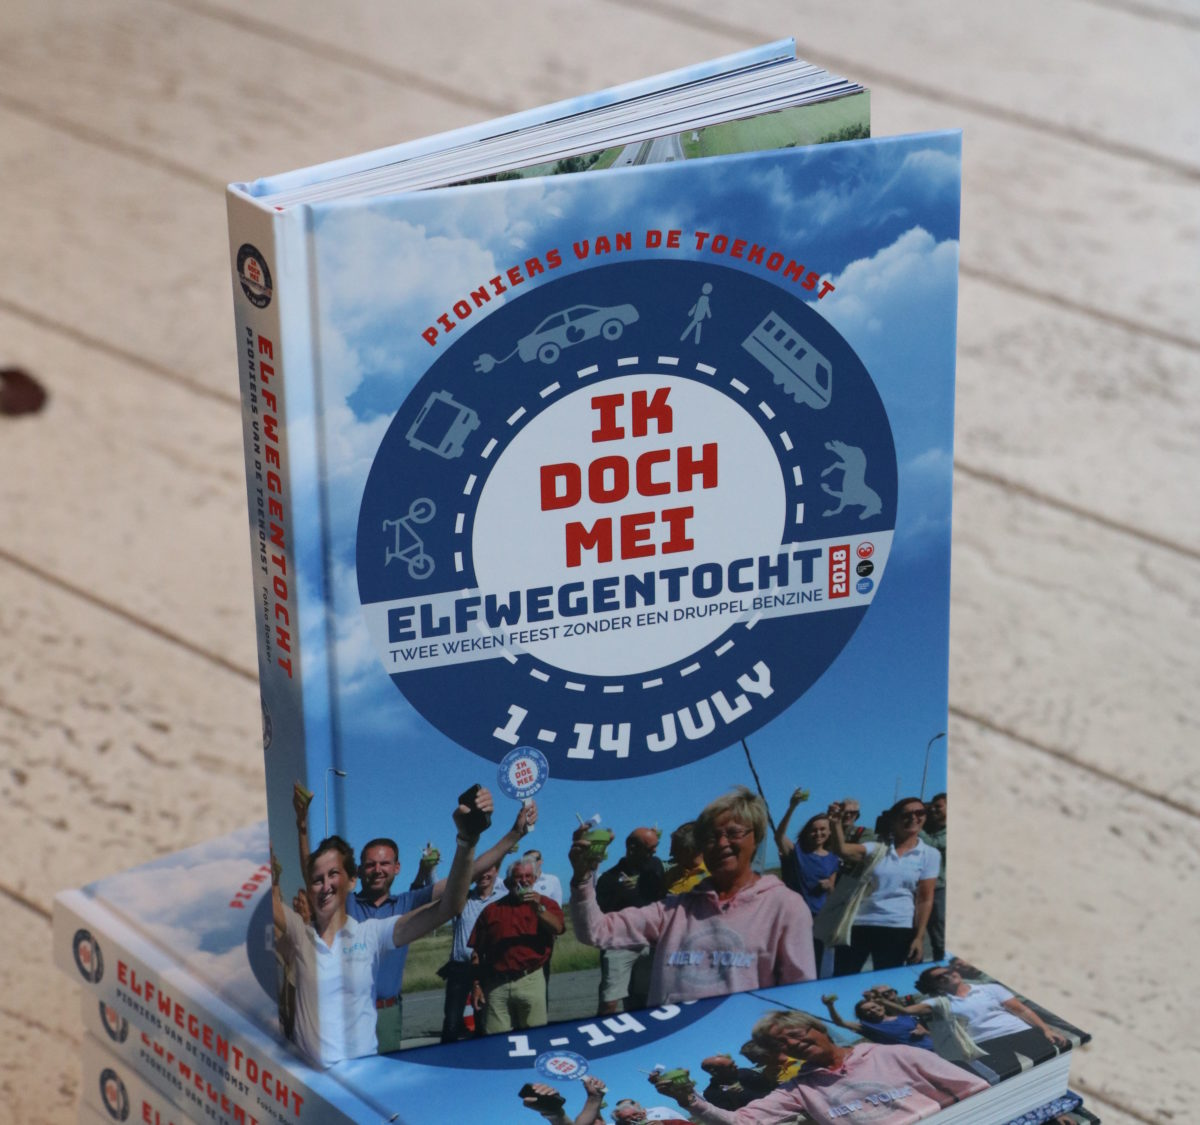 Foto Elfwegentocht-boek 2